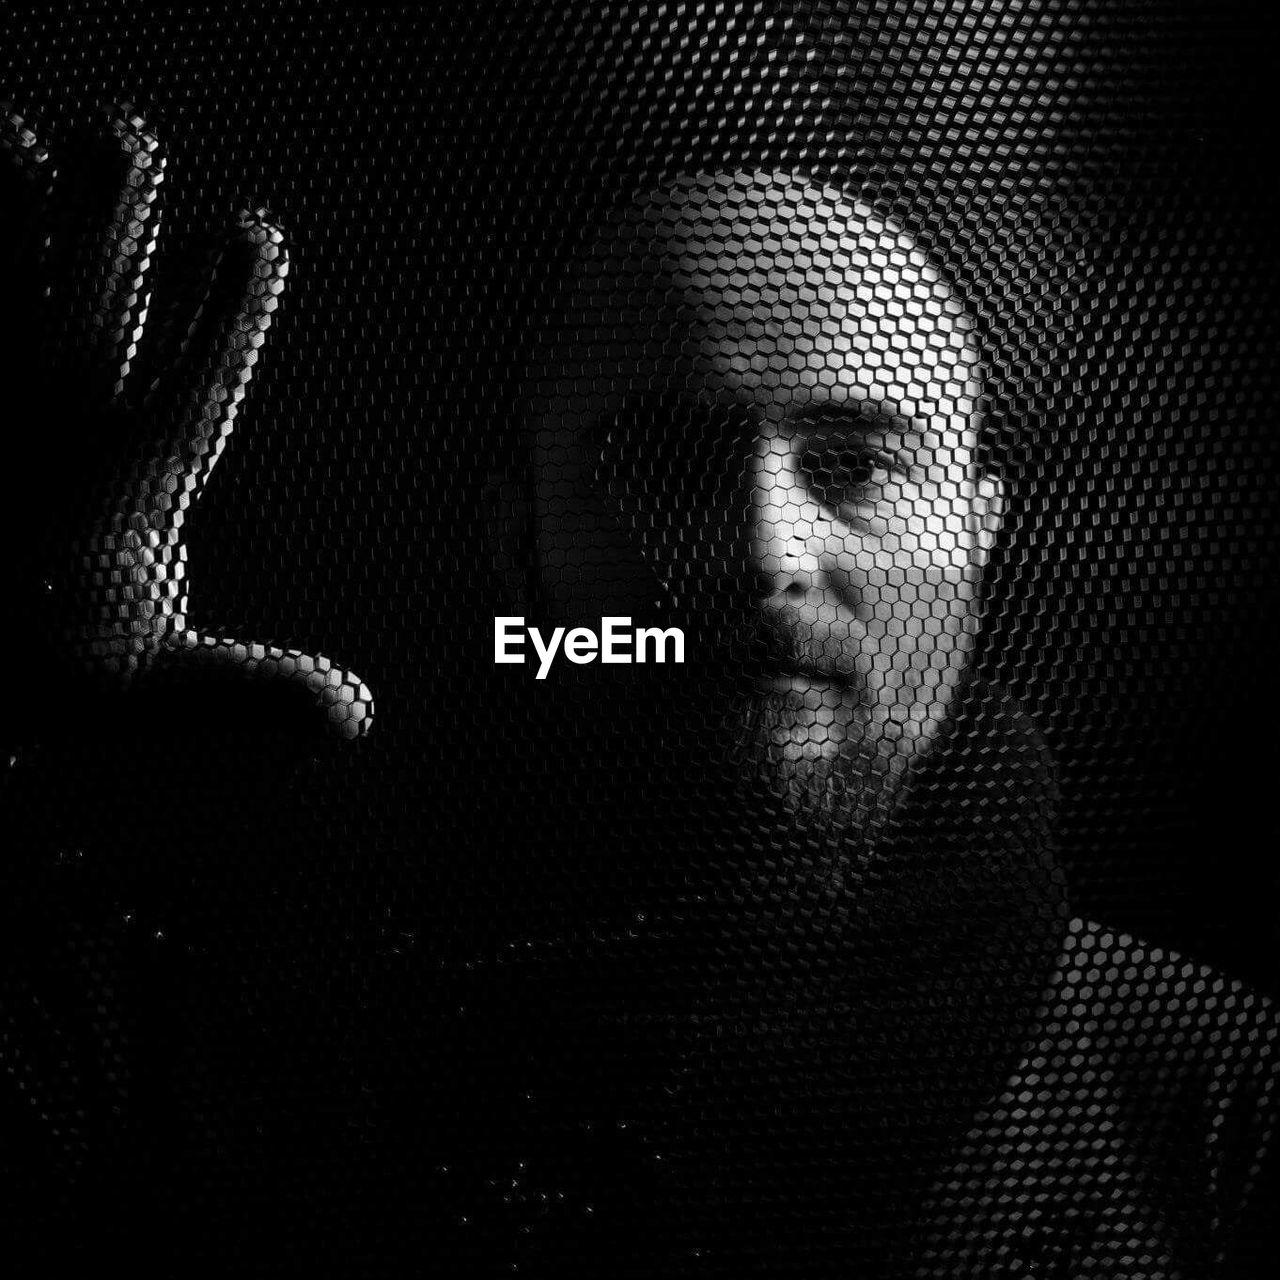 Portrait Of Man Seen Through Fence In Darkroom